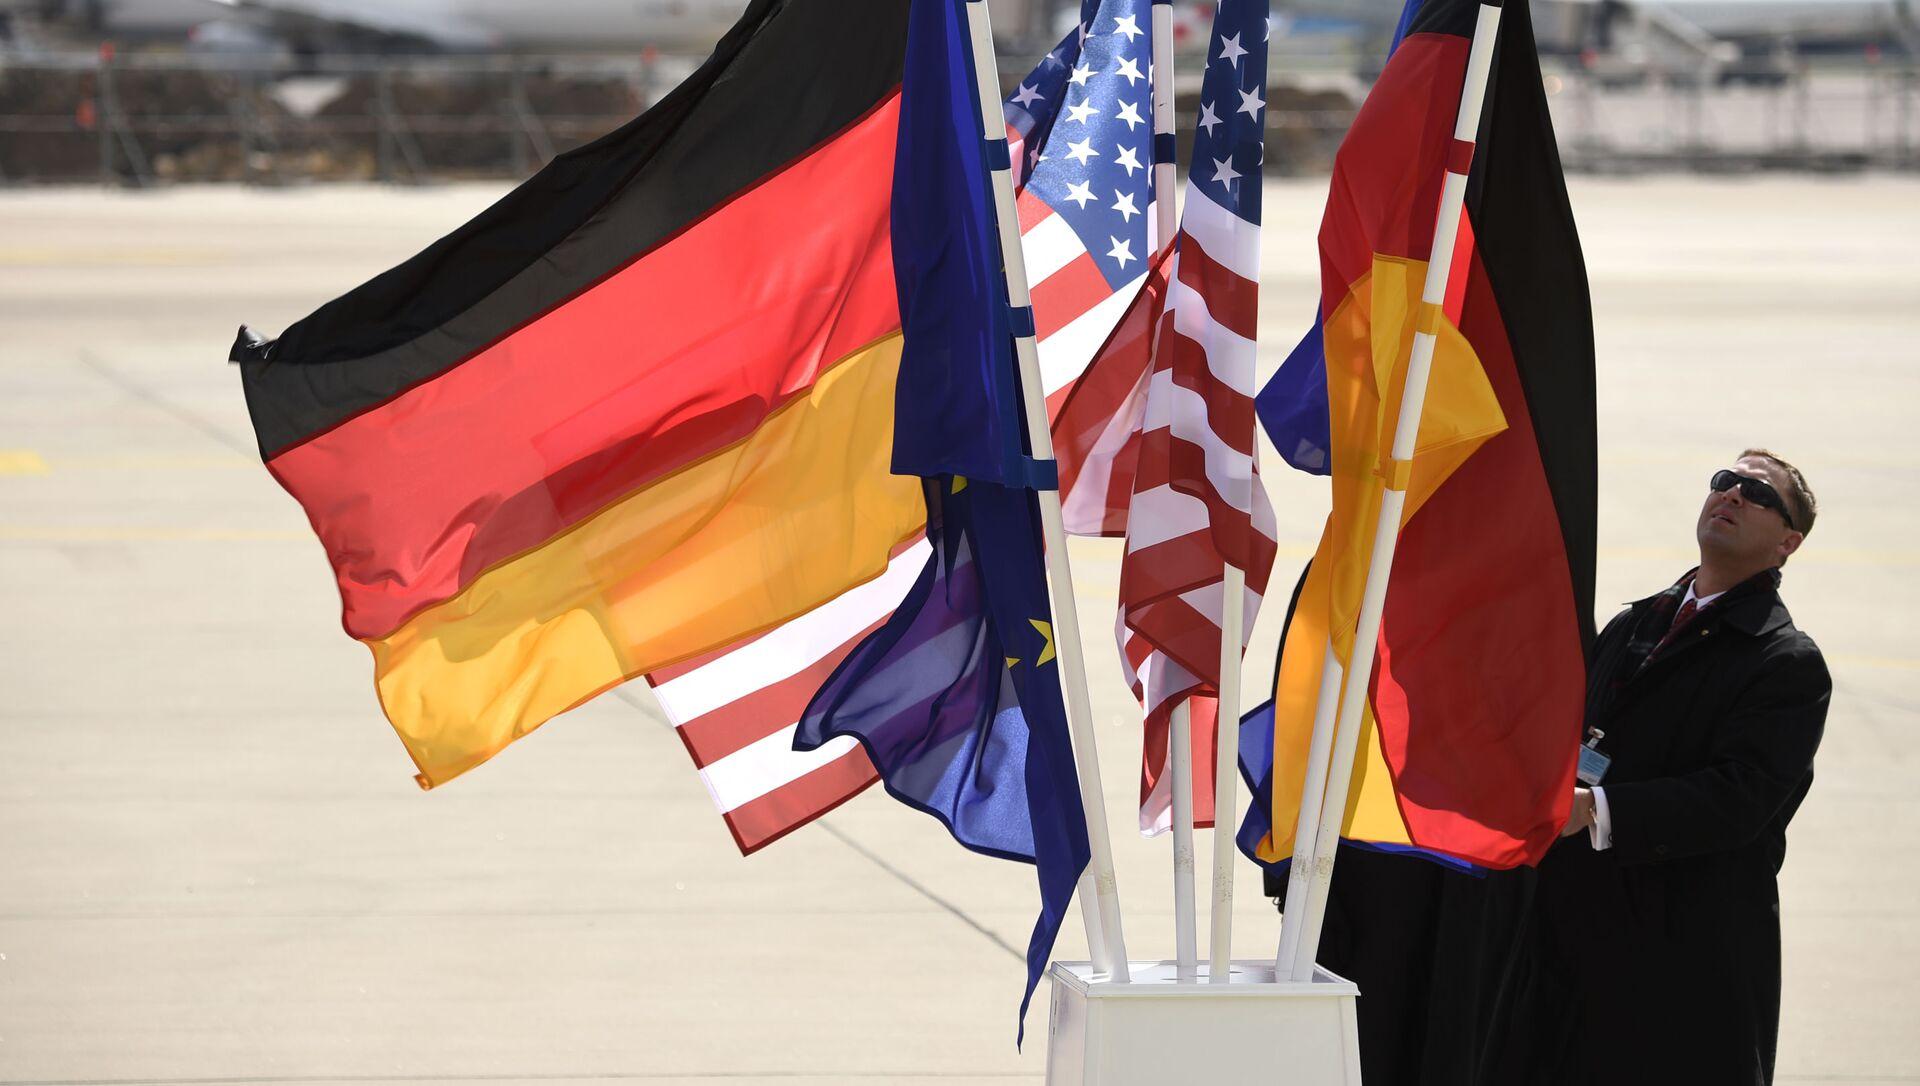 Flagi USA i Niemiec na lotnisku w Hanowerze - Sputnik Polska, 1920, 03.03.2021